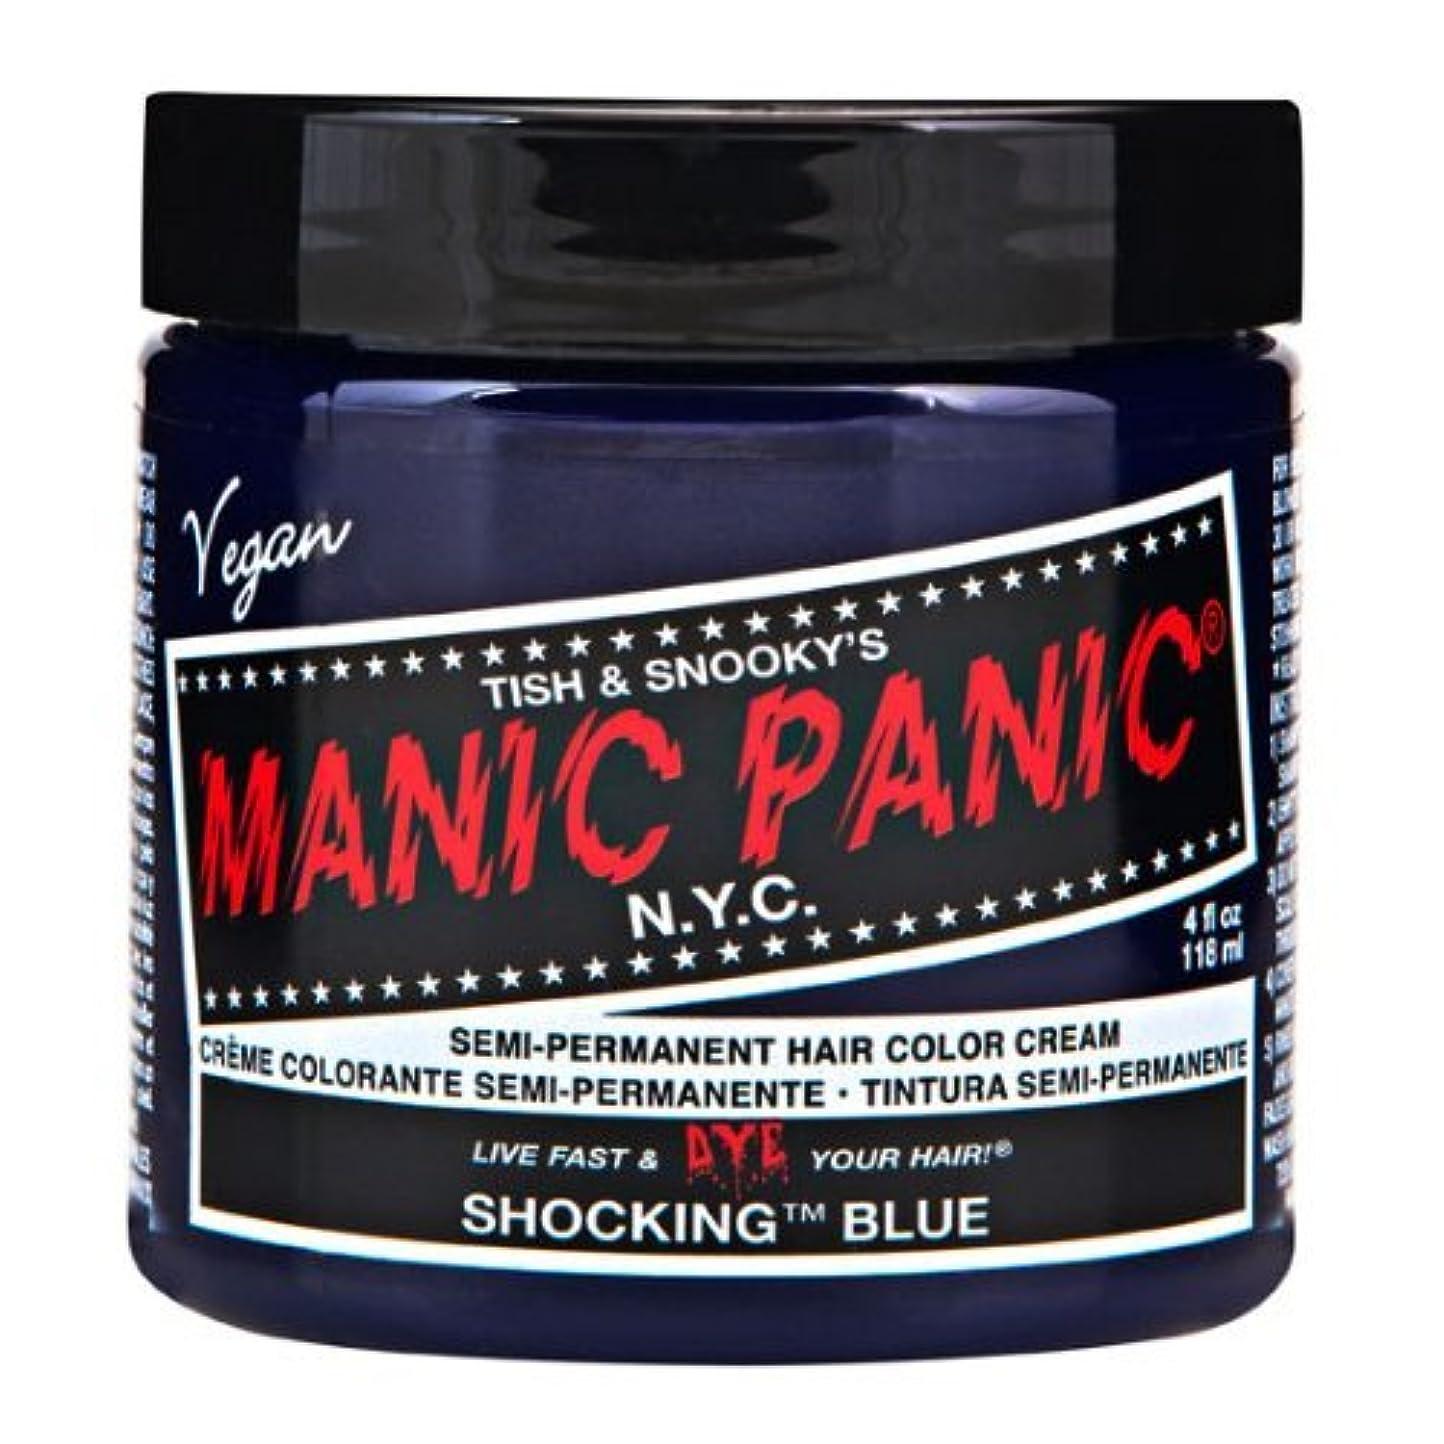 初期の挑発する異議マニックパニック MANIC PANIC ヘアカラー 118mlショッキングブルー ヘアーカラー